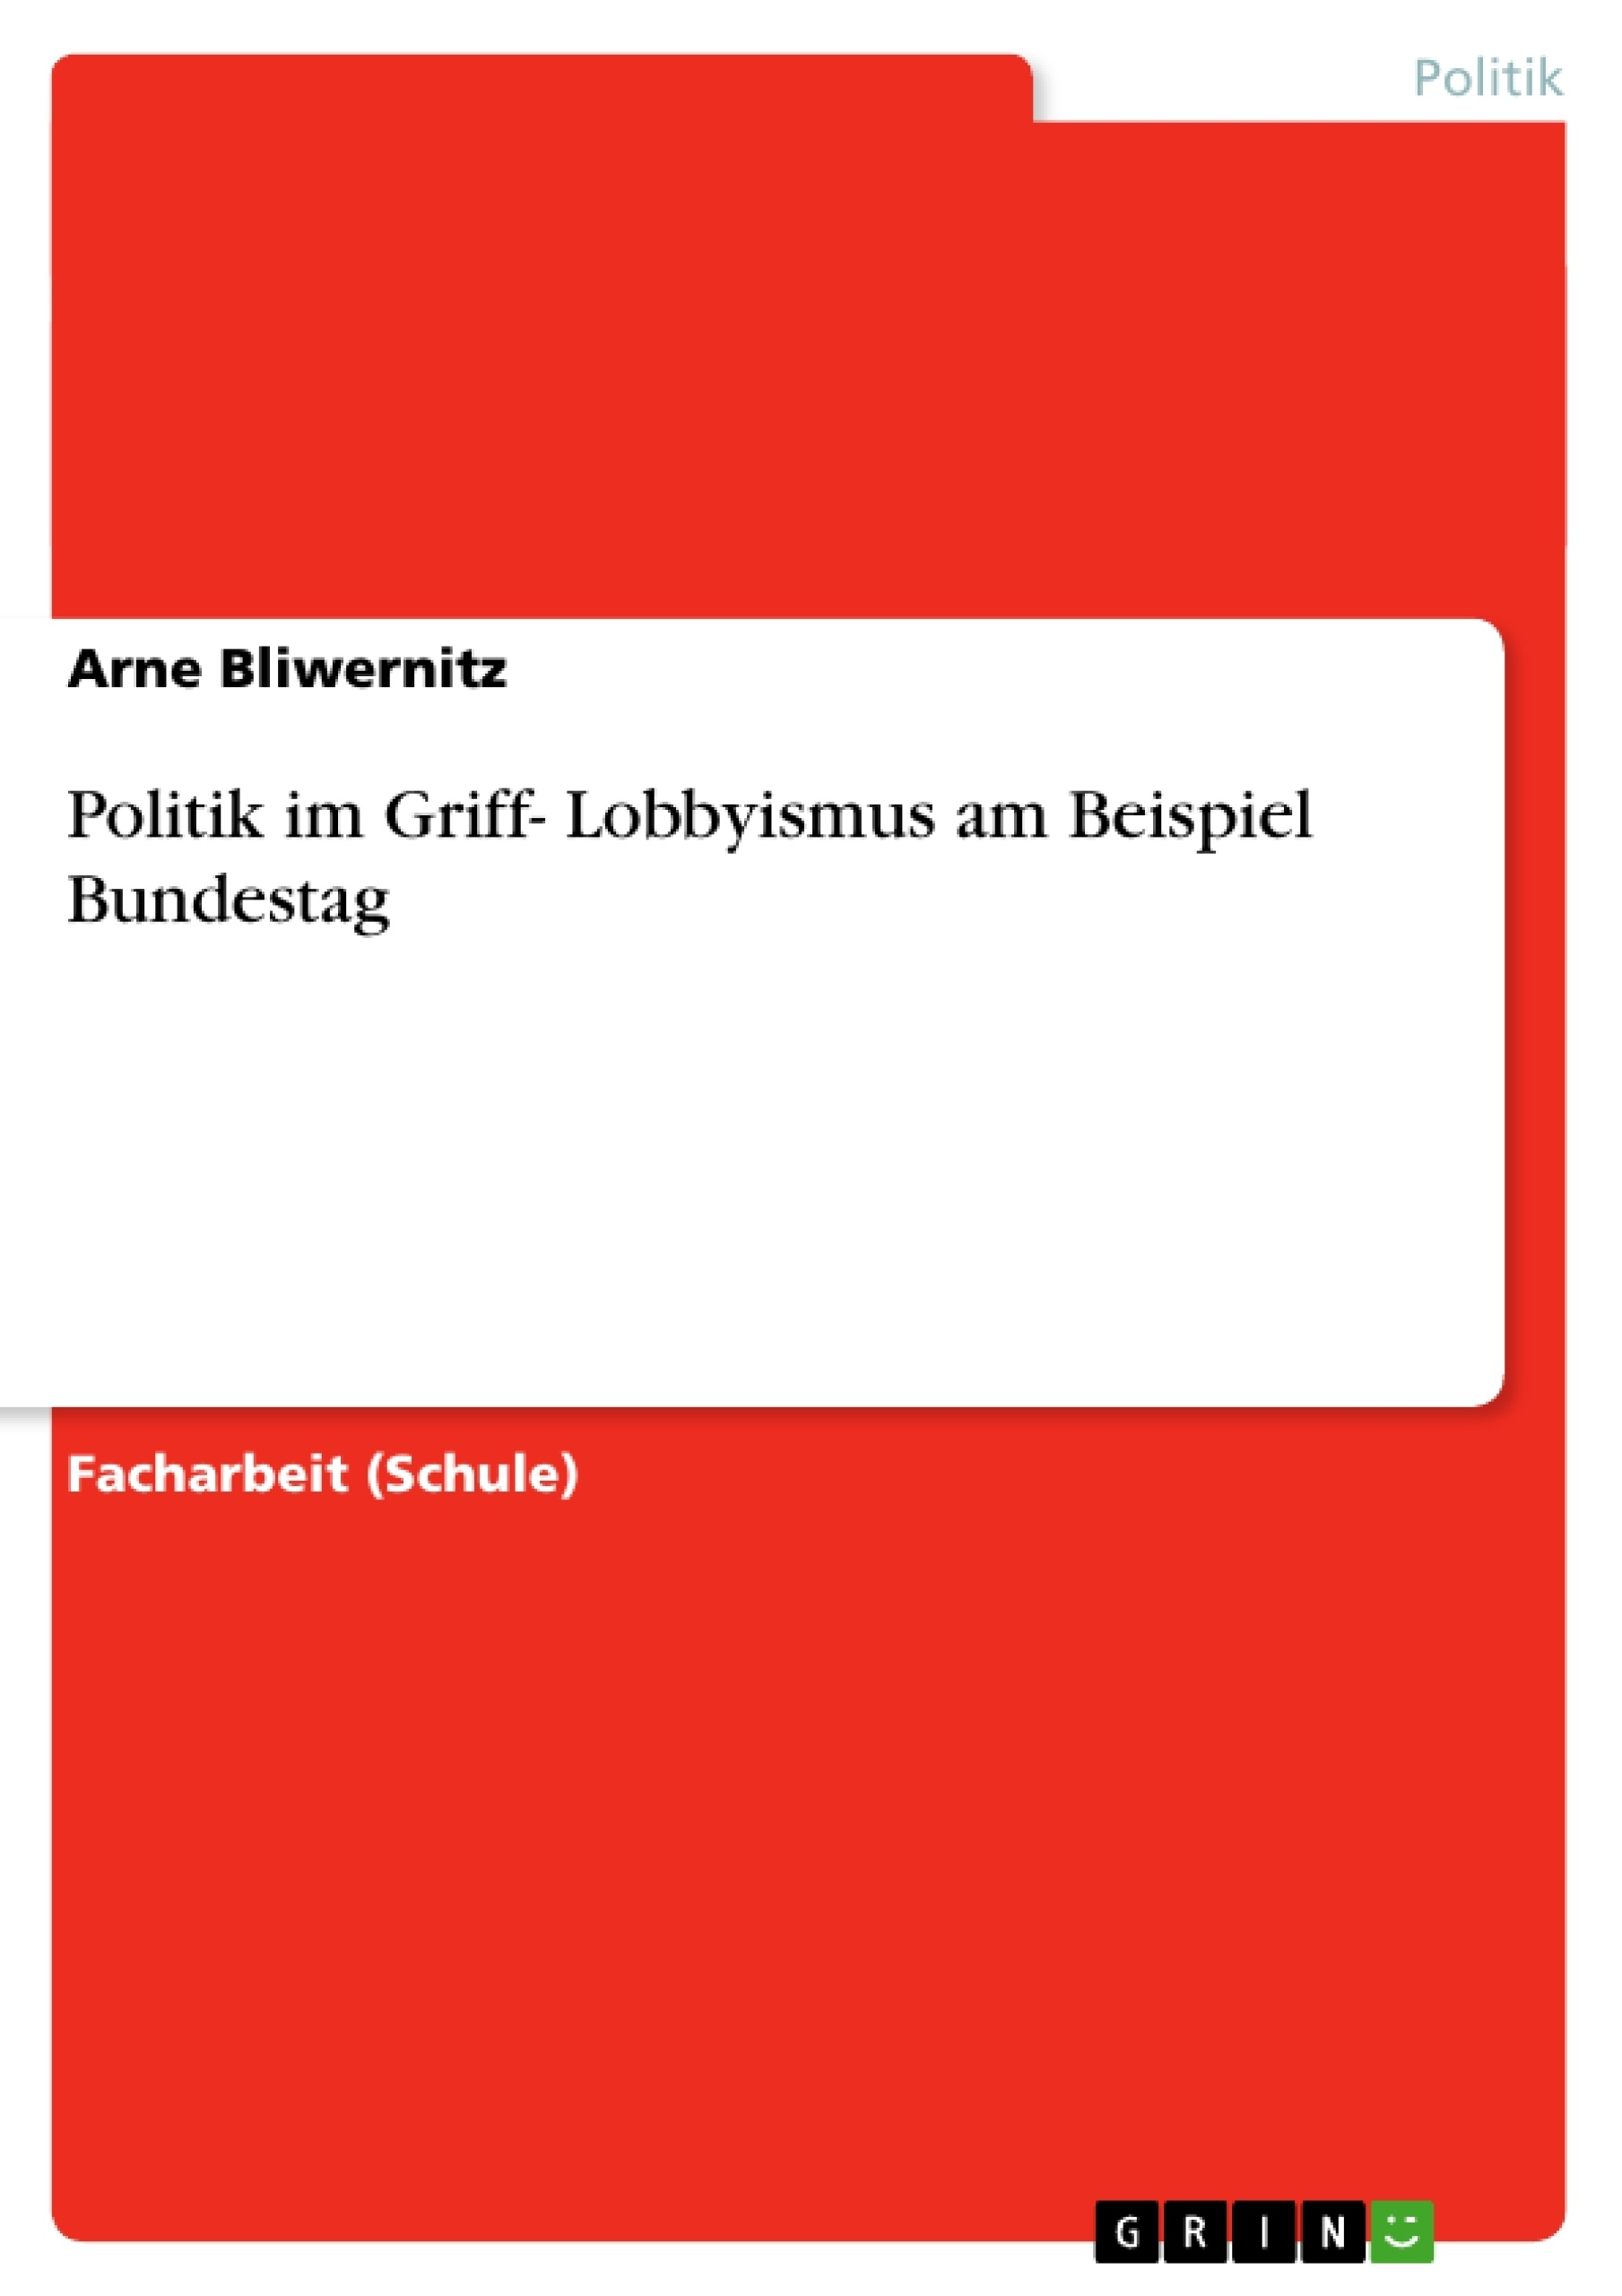 Titel: Politik im Griff- Lobbyismus am Beispiel Bundestag